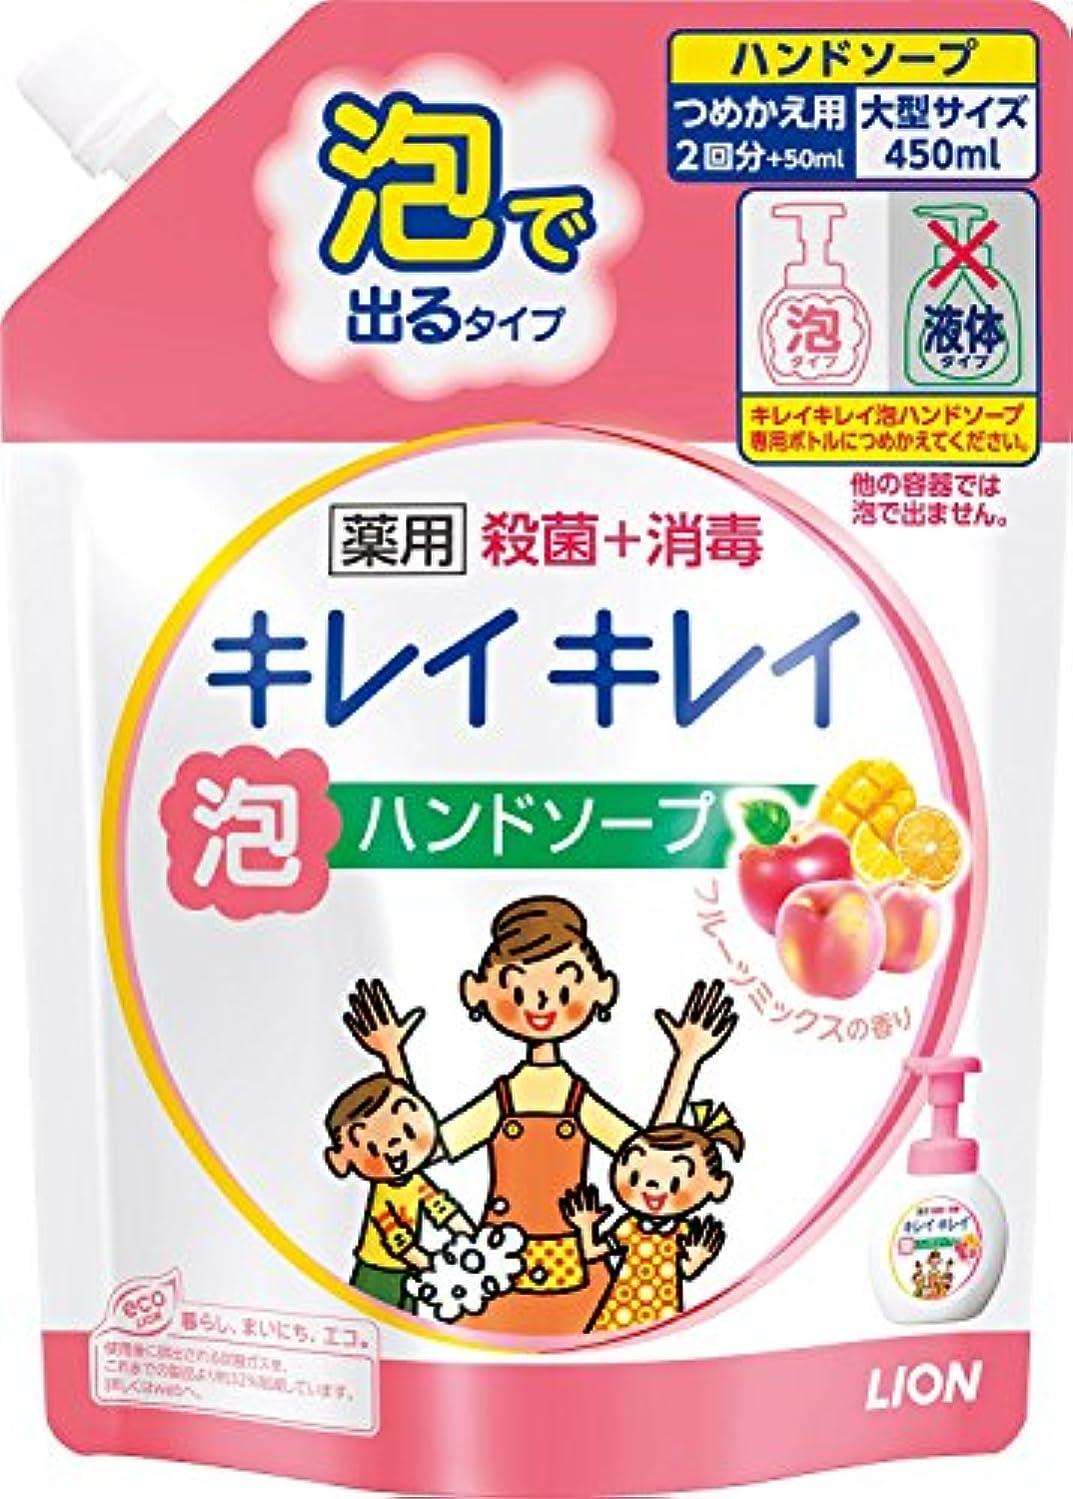 格納扱いやすいアセンブリキレイキレイ 薬用泡ハンドソープ フルーツミックスの香り つめかえ用 大型サイズ 450ml ×10個セット